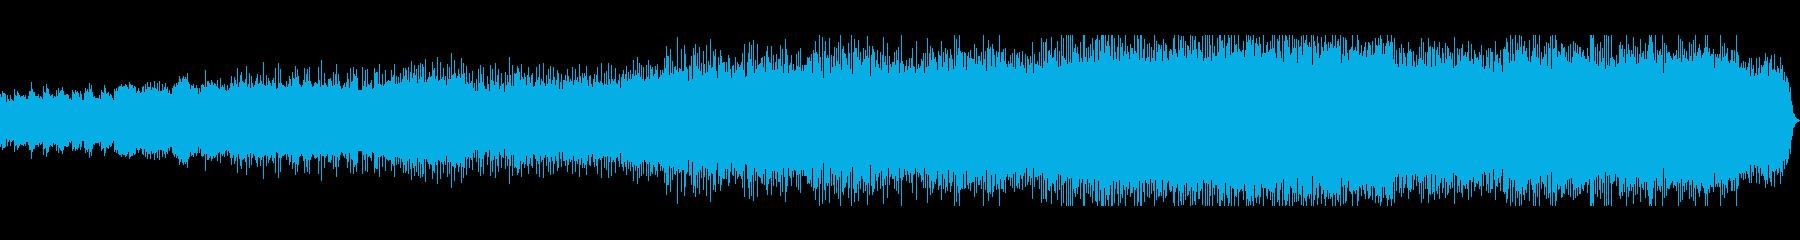 春から初夏へ・爽やかなエレクトロポップの再生済みの波形